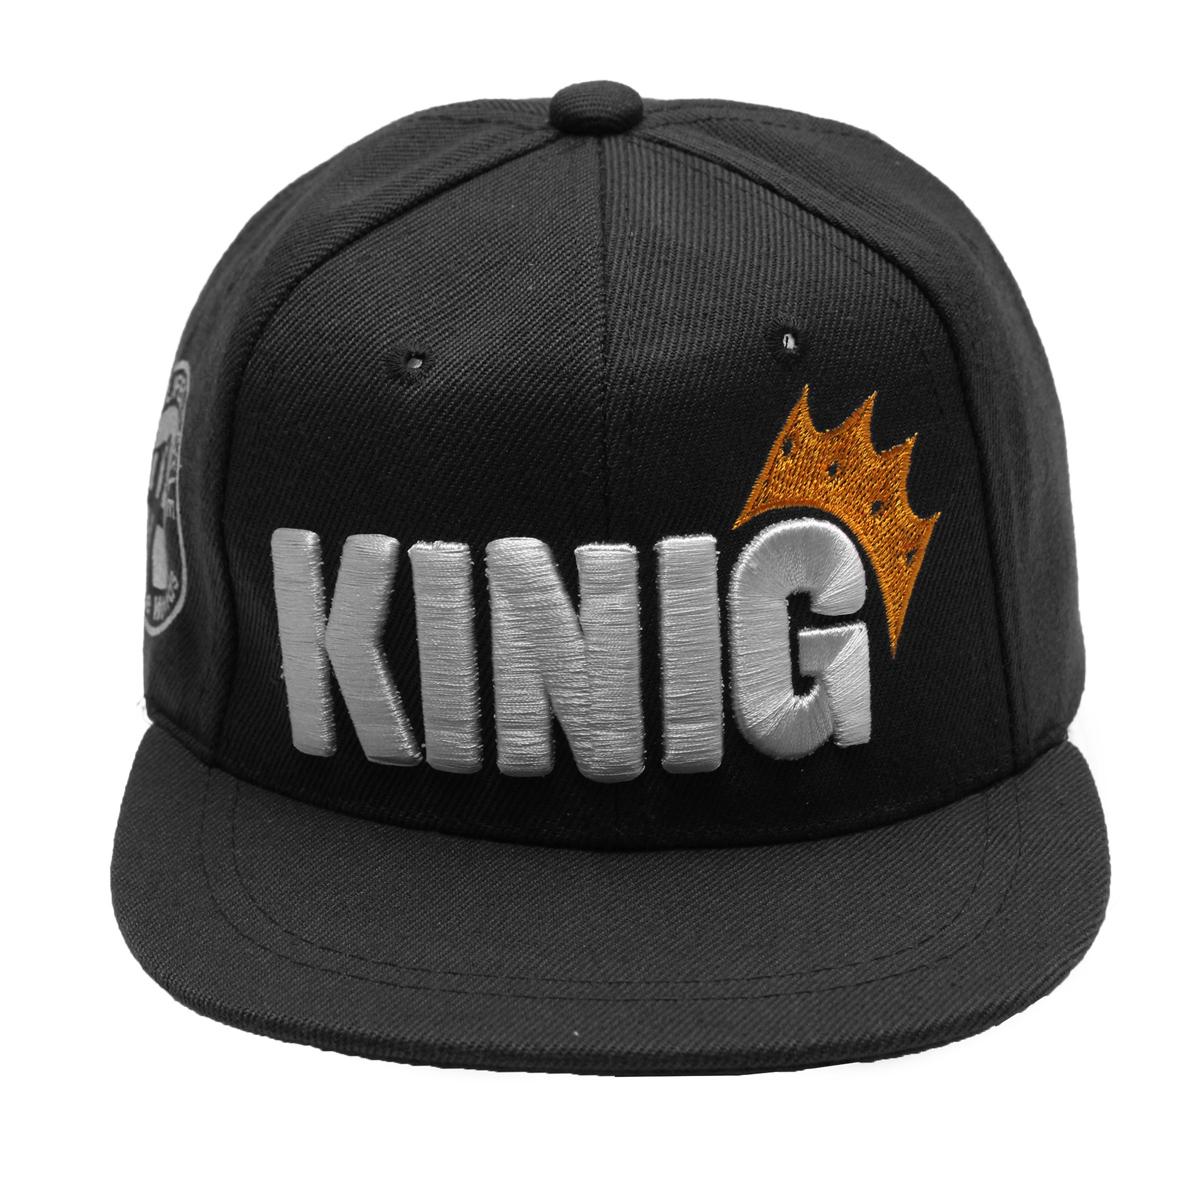 Children King Crown Flat Brimmed Baseball Cap Adjustable Embroidered Boy&Girl Hip-hop Hat Snapback